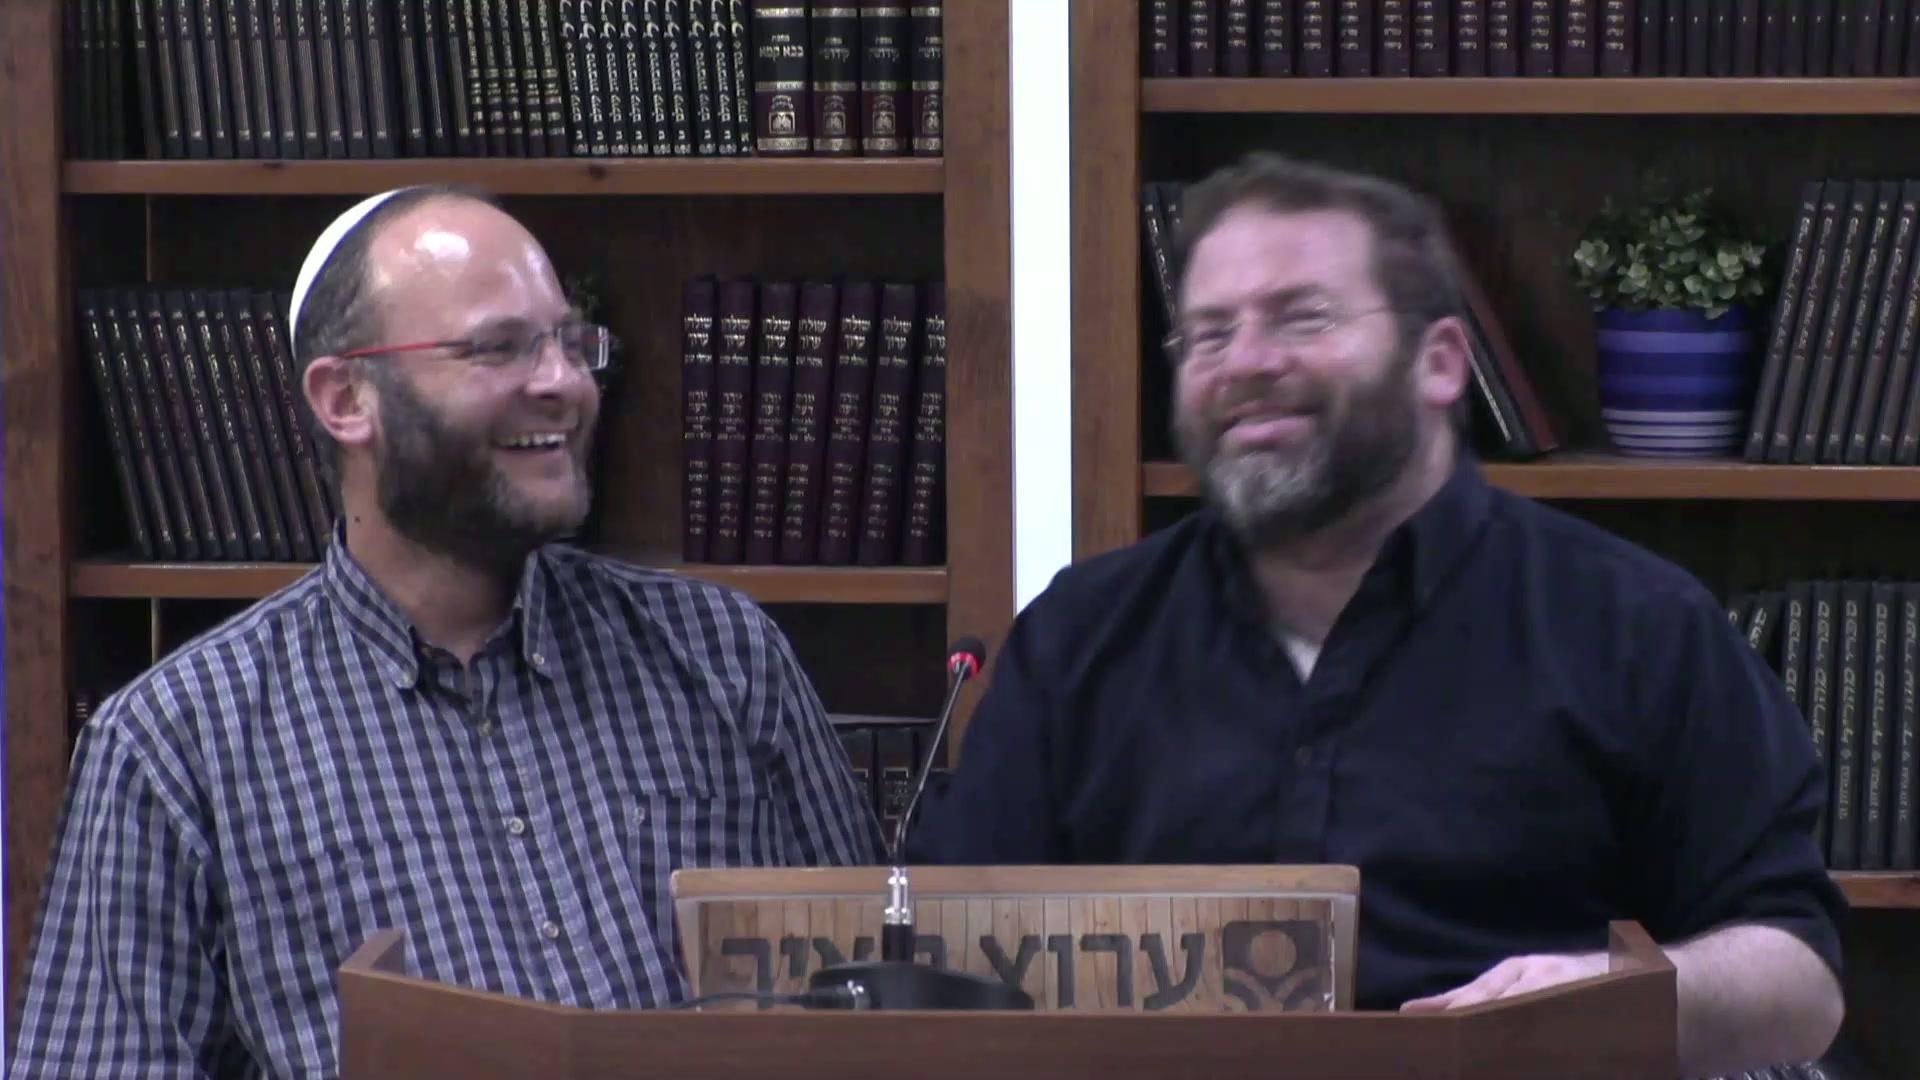 שבוע הספר העברי וחשיבות המילה הכתובה גם בעידן המסכים